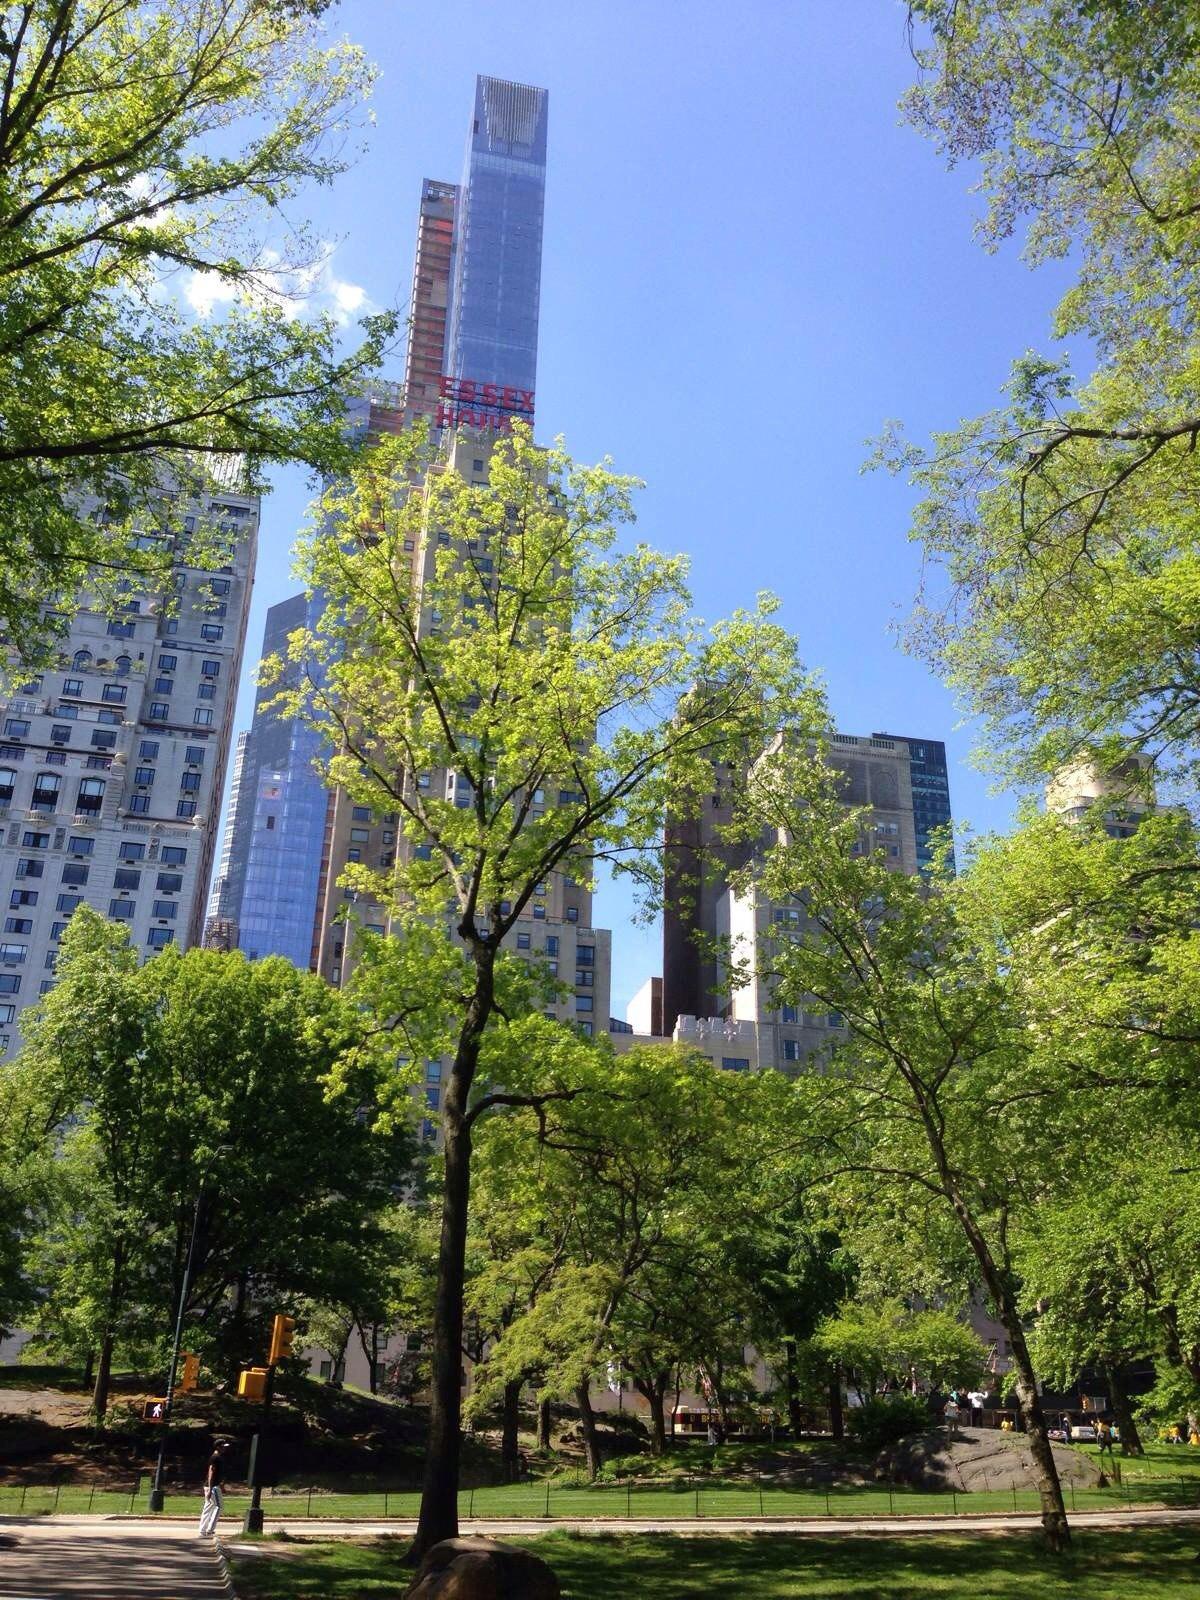 纽约华盛顿dc自助游-纽约攻略游记【携程攻略】港澳游v攻略攻略图片